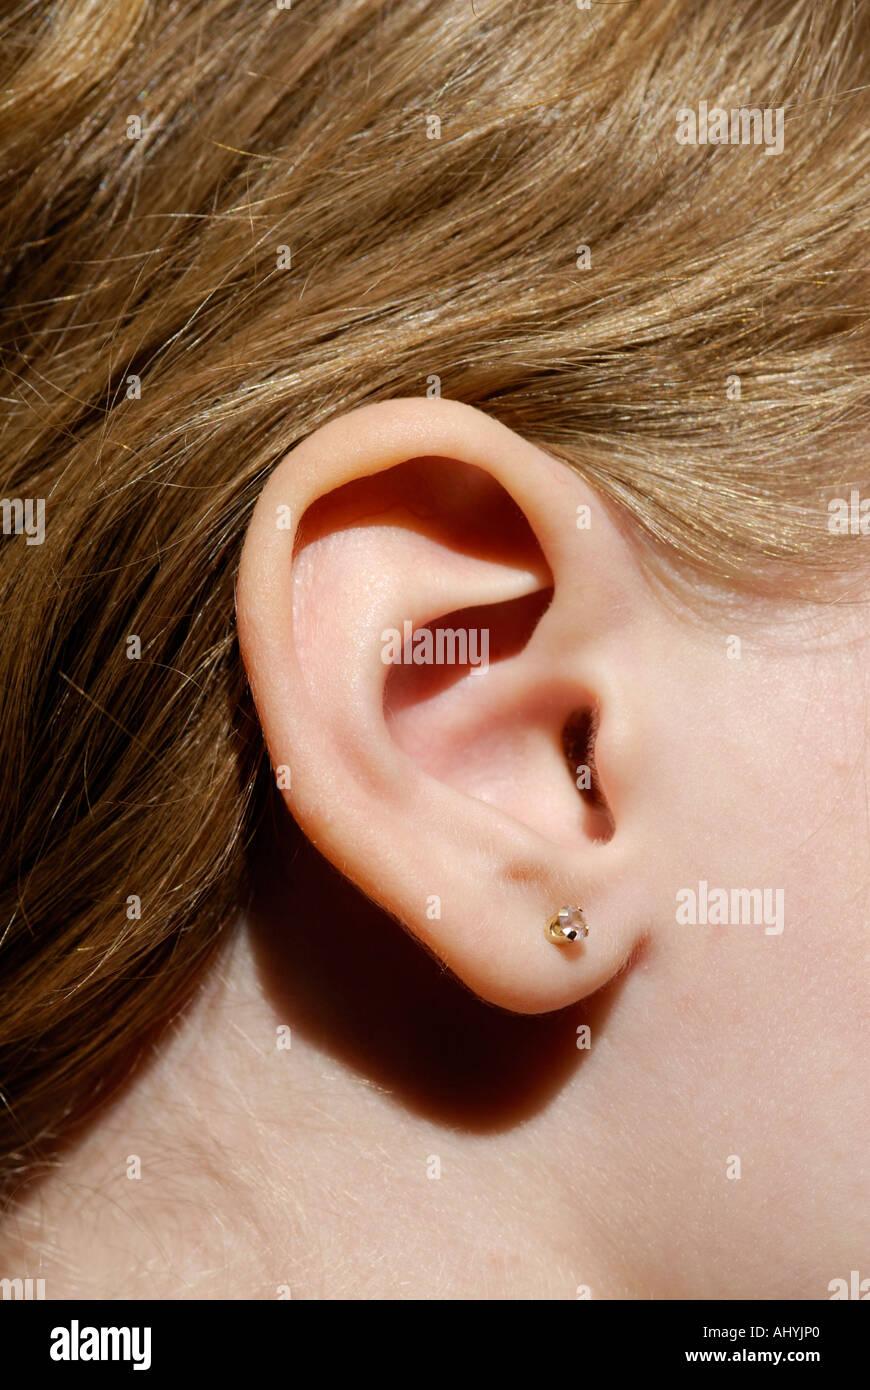 Cerca del oído humano. Oreja, pinna Imagen De Stock